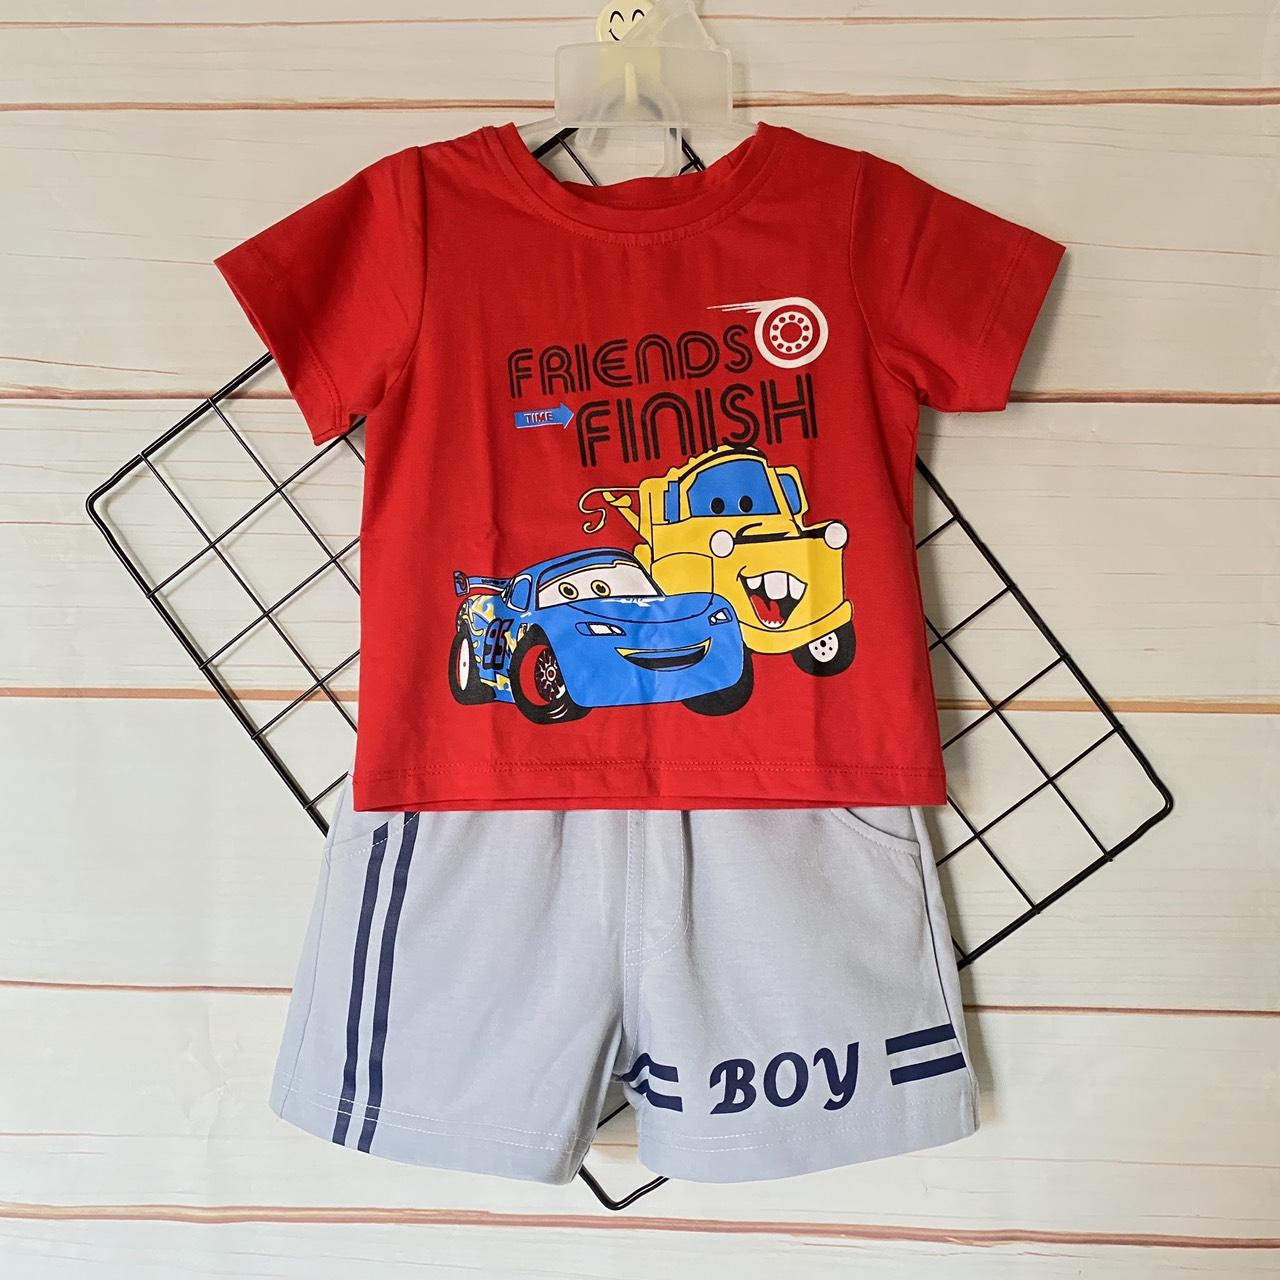 Bộ quần áo trẻ em   Quần áo bé trai   Mẫu xe đỏ cao cấp   Cho bé từ 8-20kg  Chất vải thun 100% cotton mềm mịn, co giãn 4 chiều